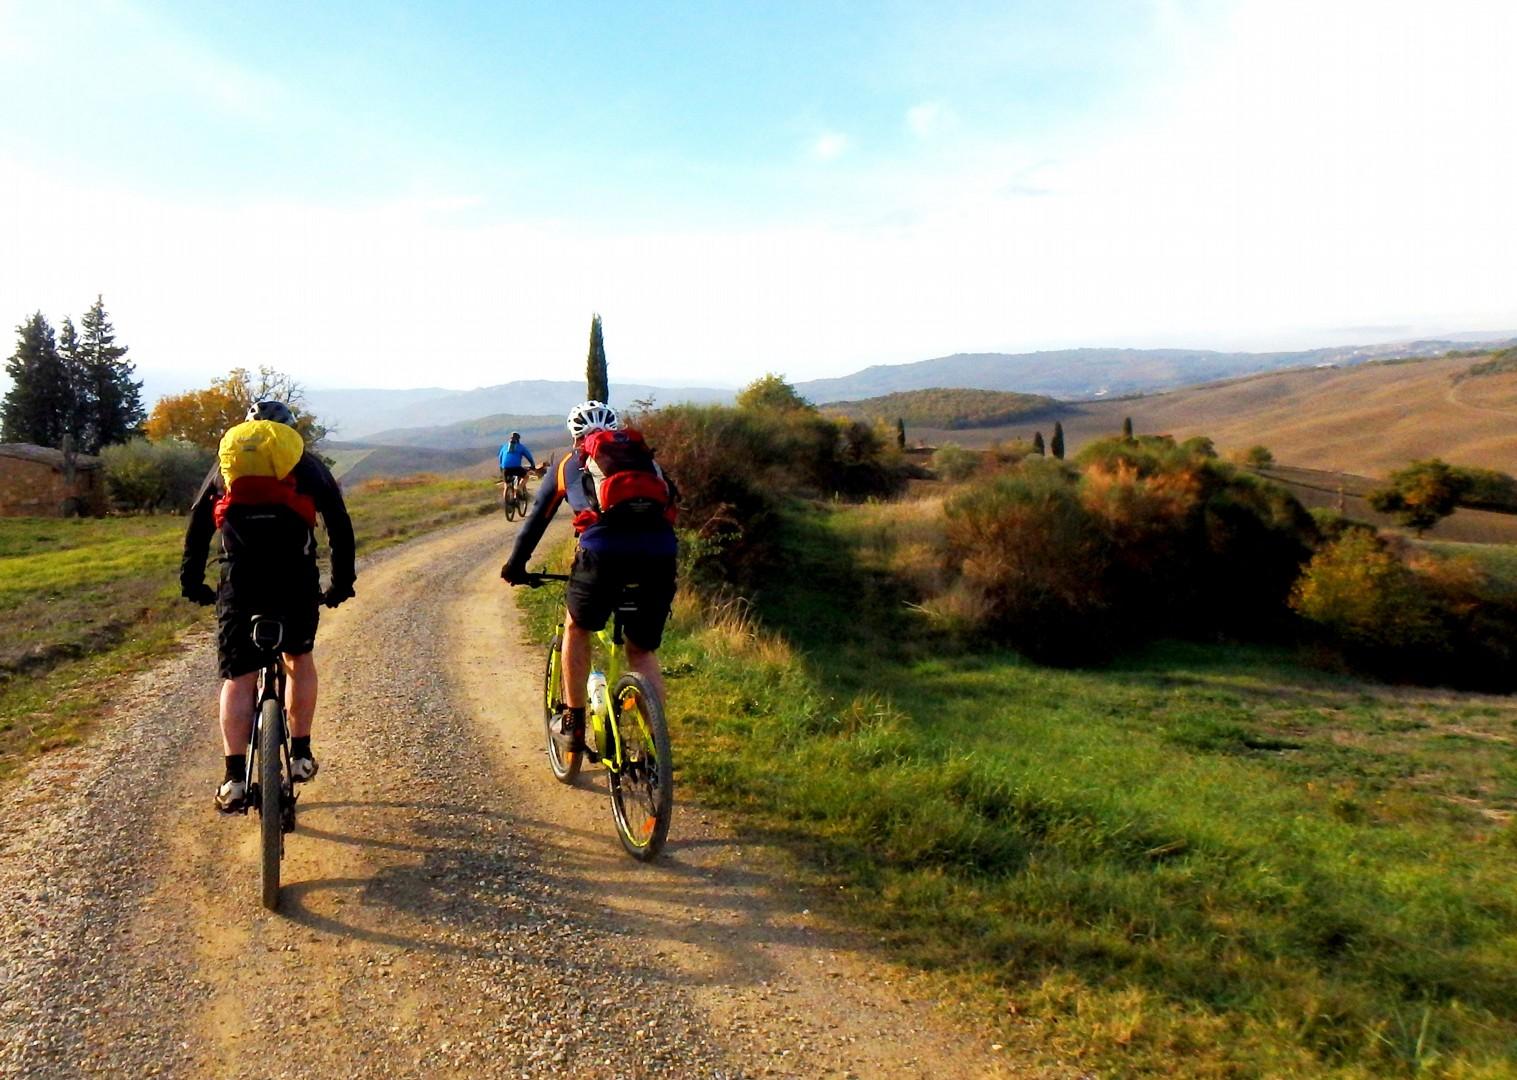 self-guided-mountain-bike-italy-tuscany-to-rome-holiday.jpg - Italy - Via Francigena (Tuscany to Rome) - Self-Guided Mountain Bike Holiday - Mountain Biking